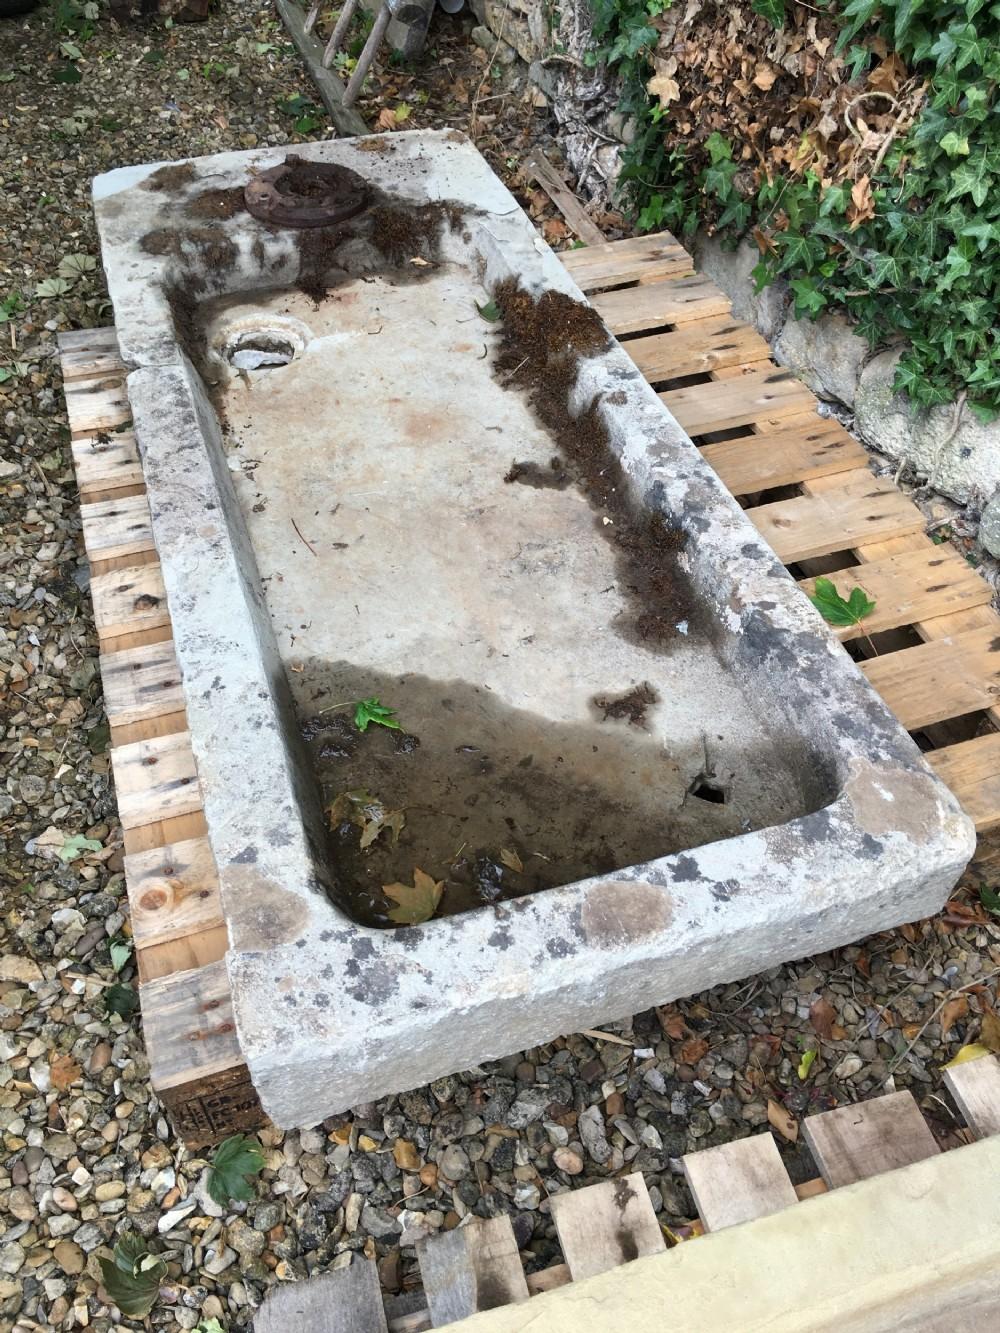 19th century stone farmyard sink